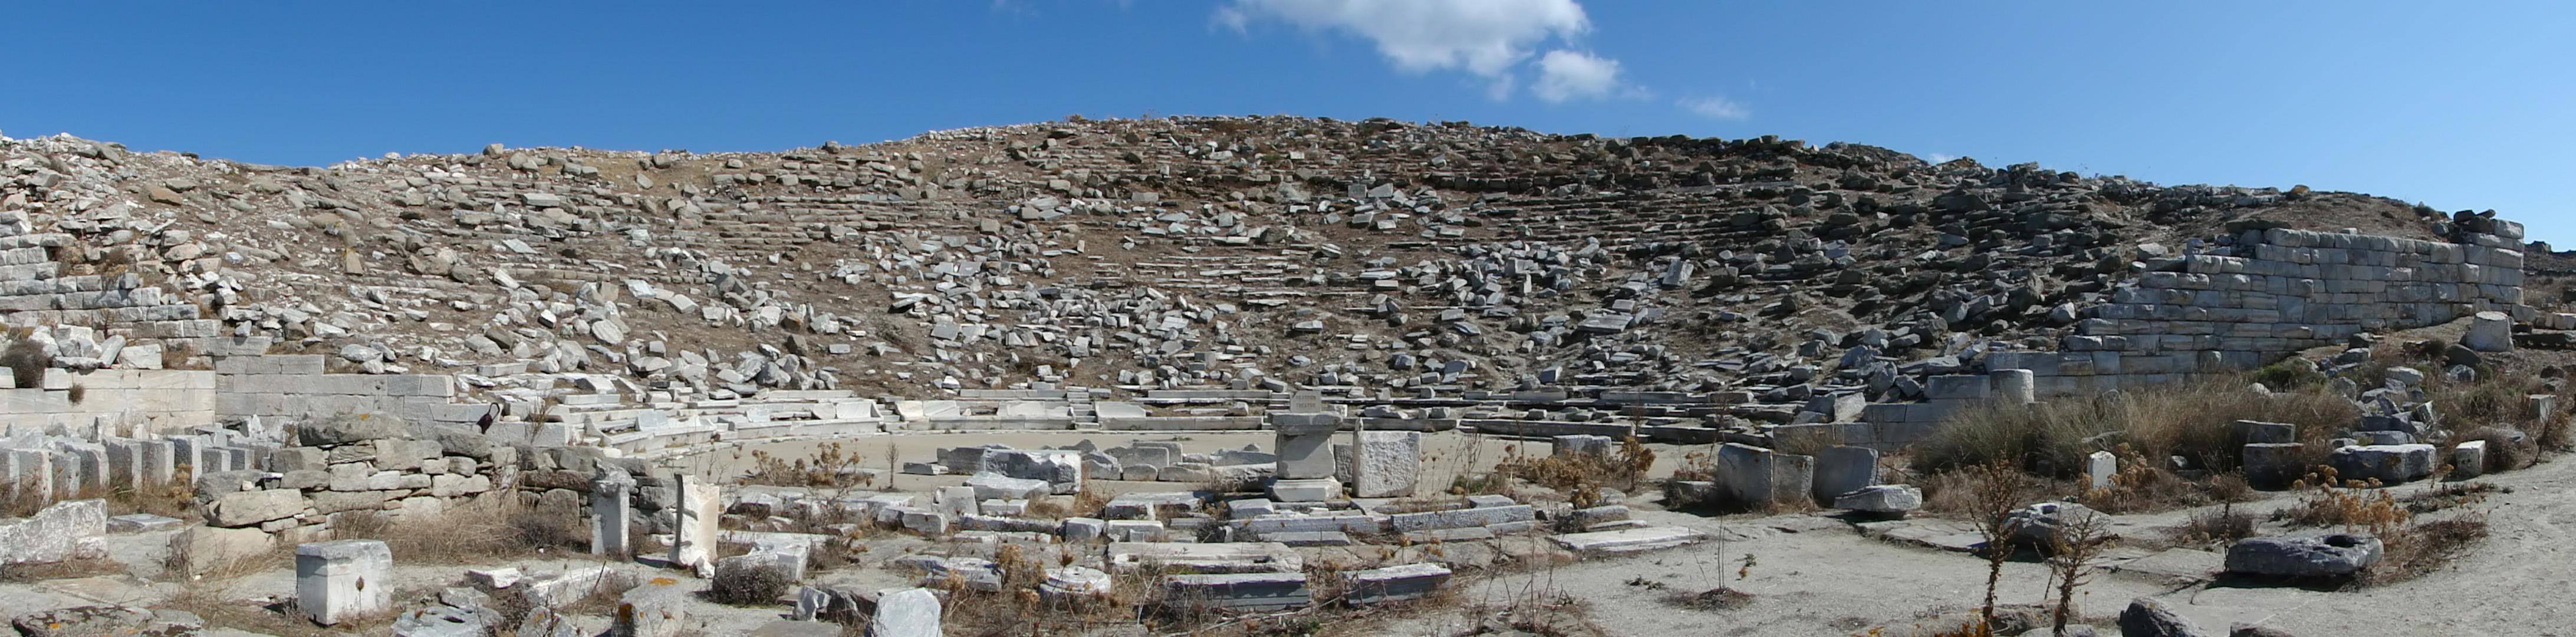 Ancient Greece Delos